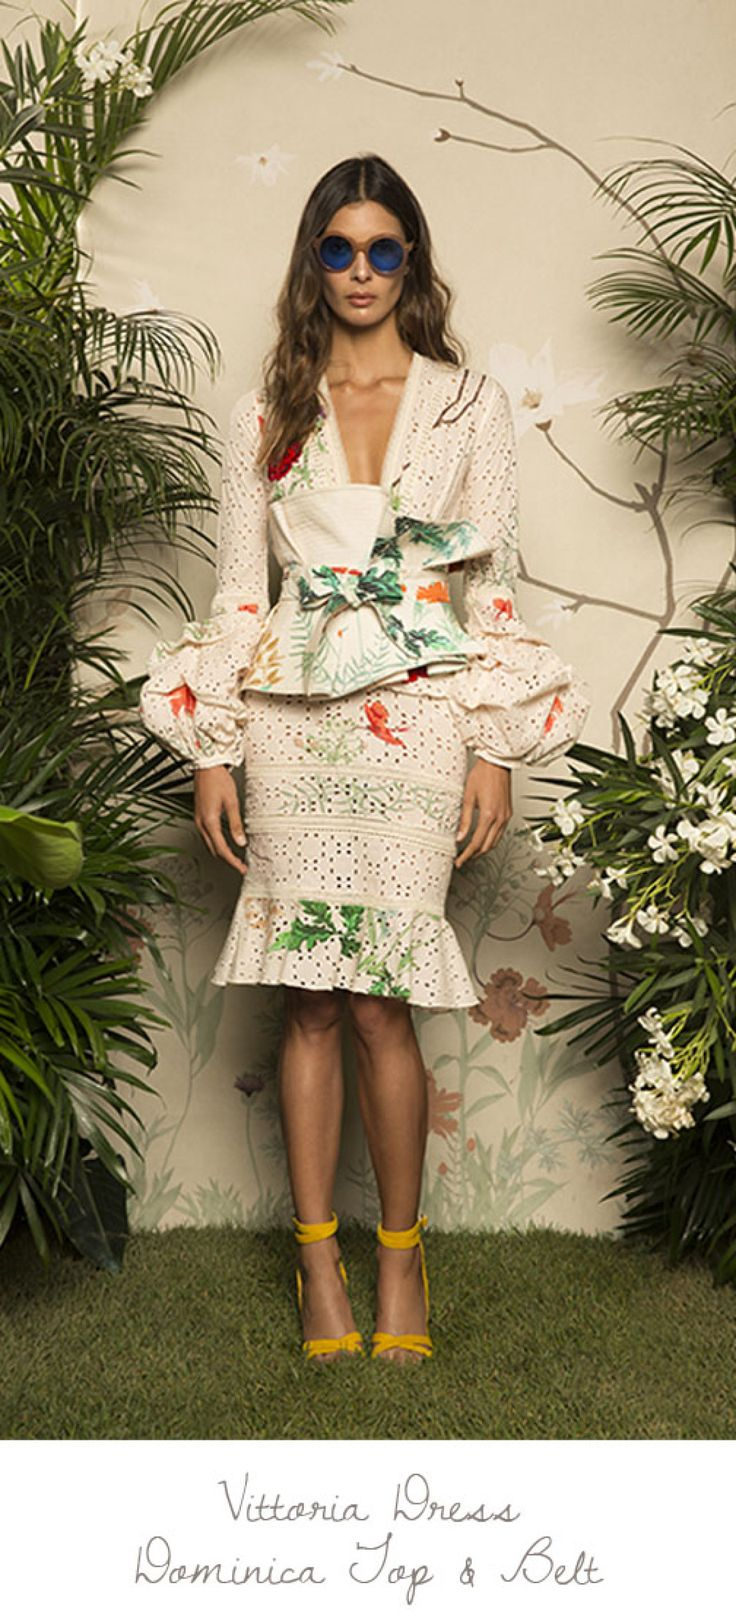 best beachwear miss g images on pinterest beachwear boho chic